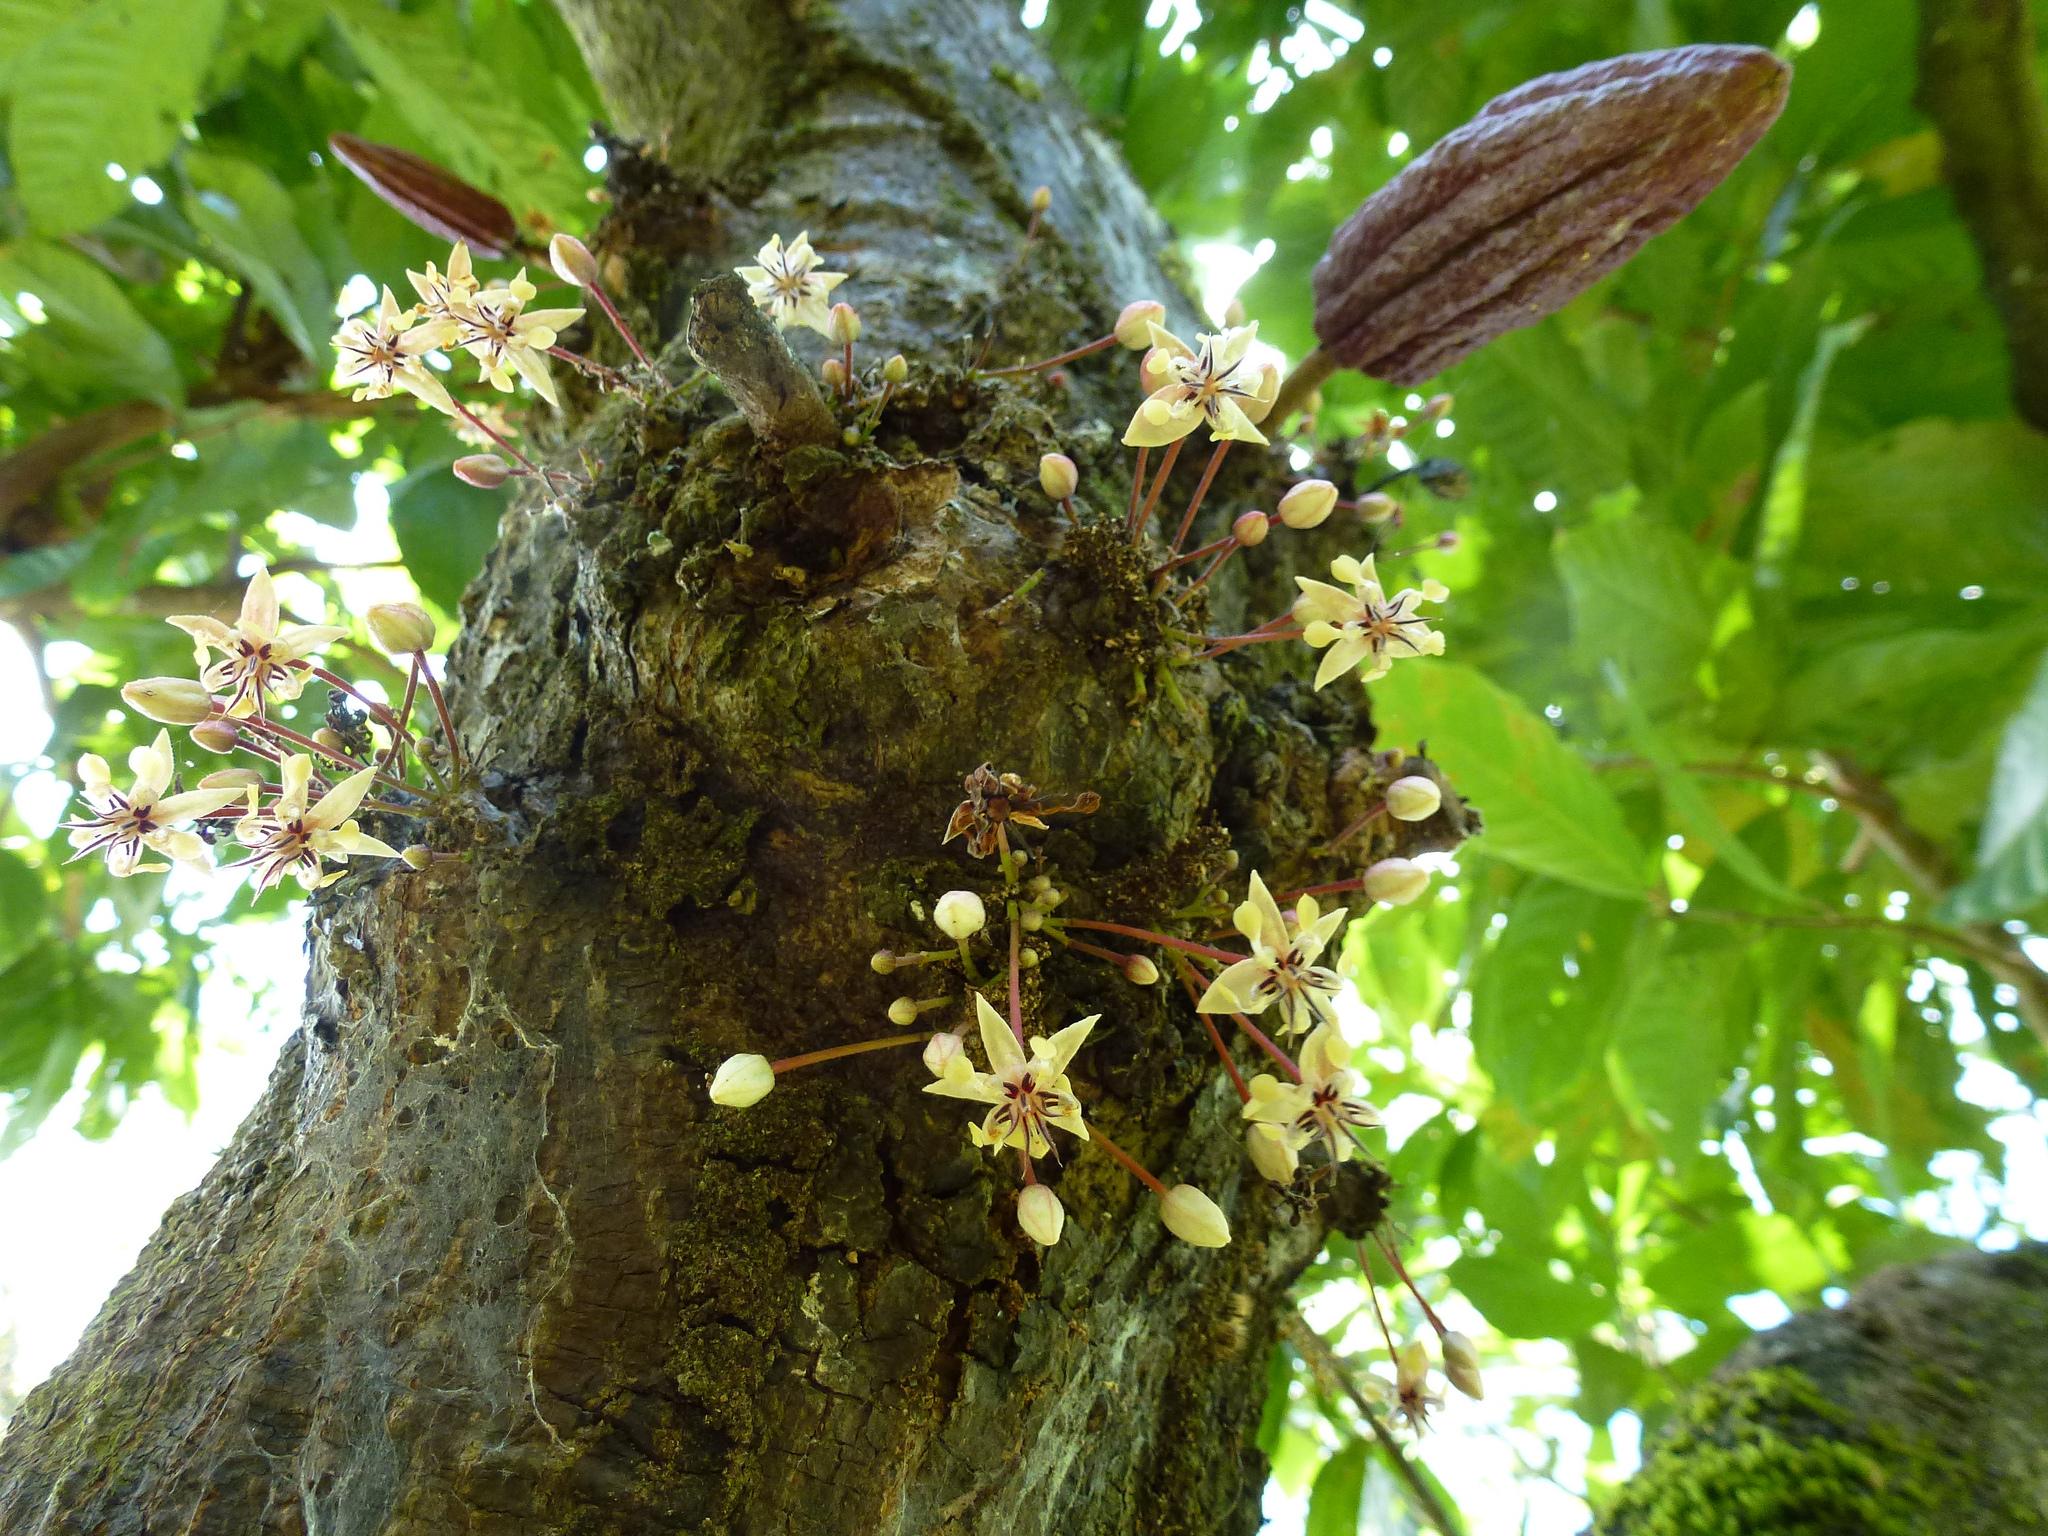 Blüten und Früchte wachsen gleichzeitig am Stamm des Kakaobaums. Foto: ForestFinance